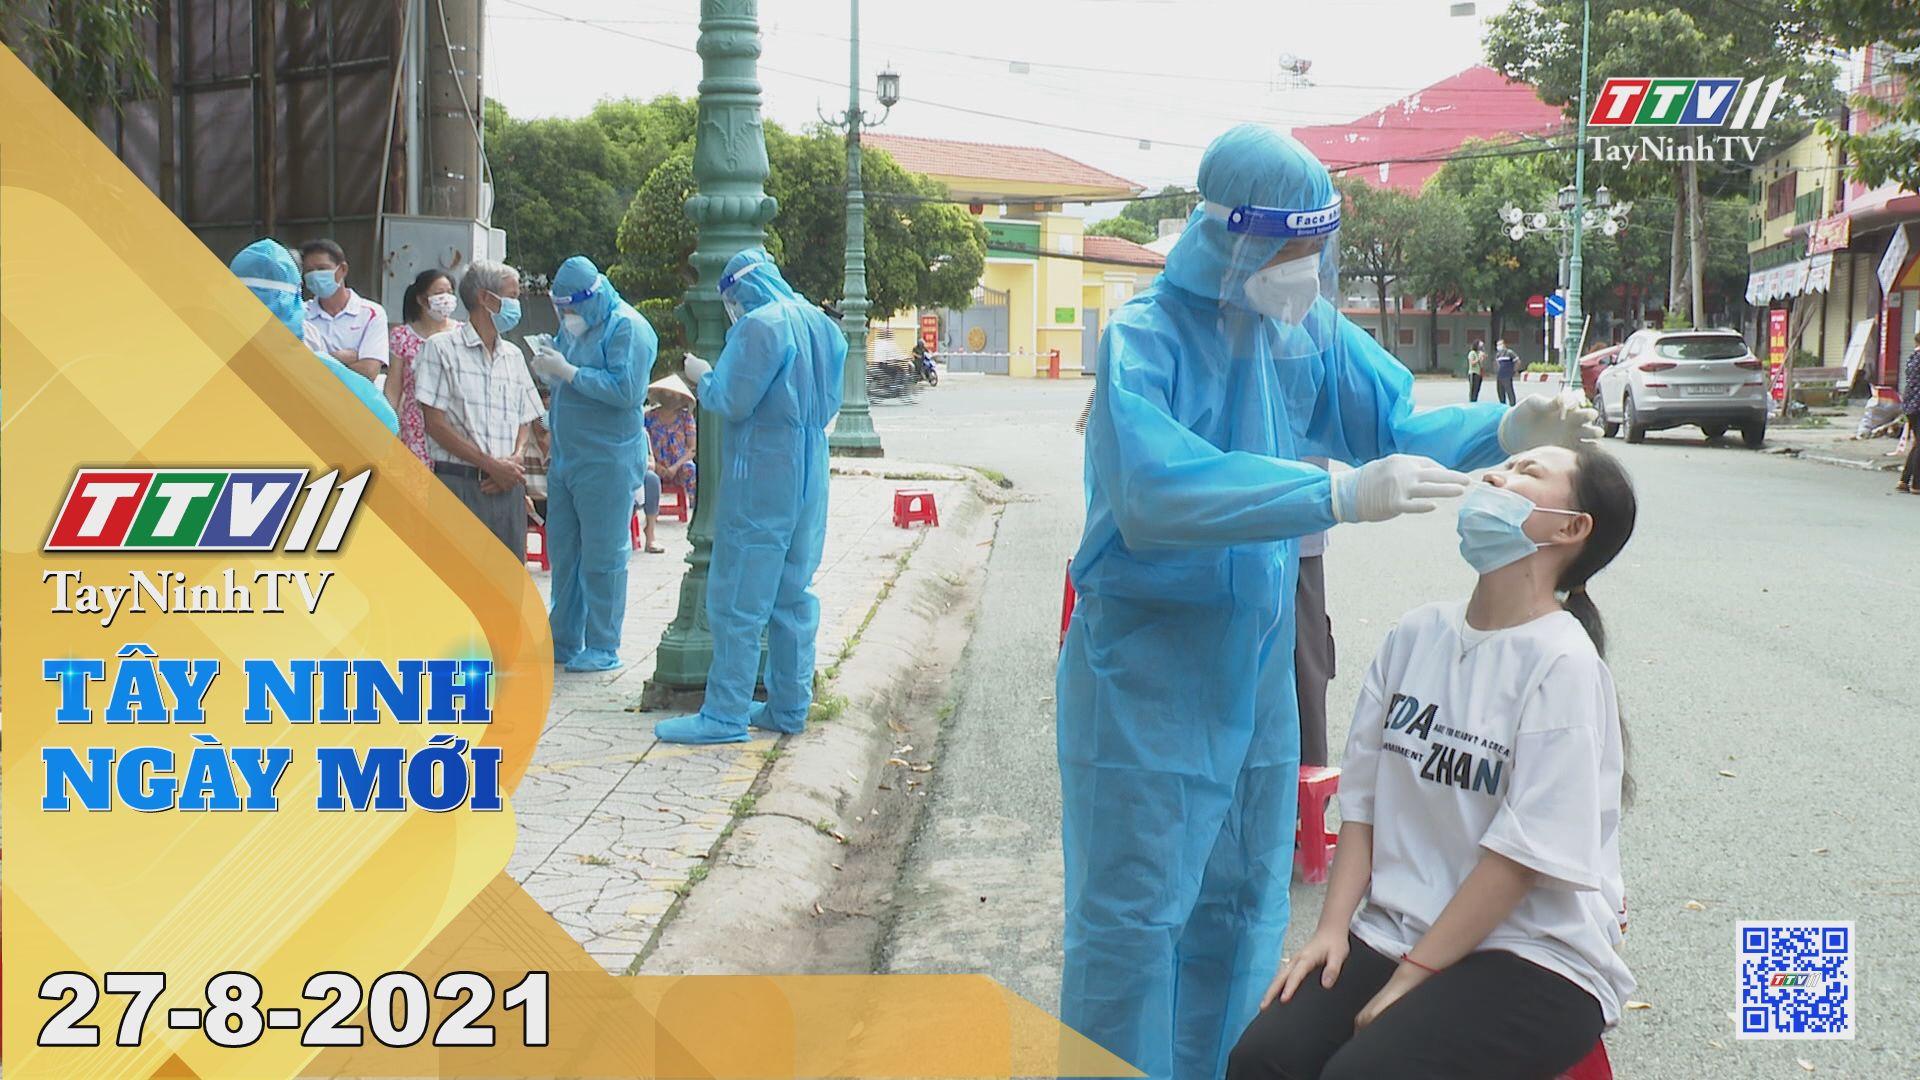 Tây Ninh Ngày Mới 27-8-2021 | Tin tức hôm nay | TayNinhTV